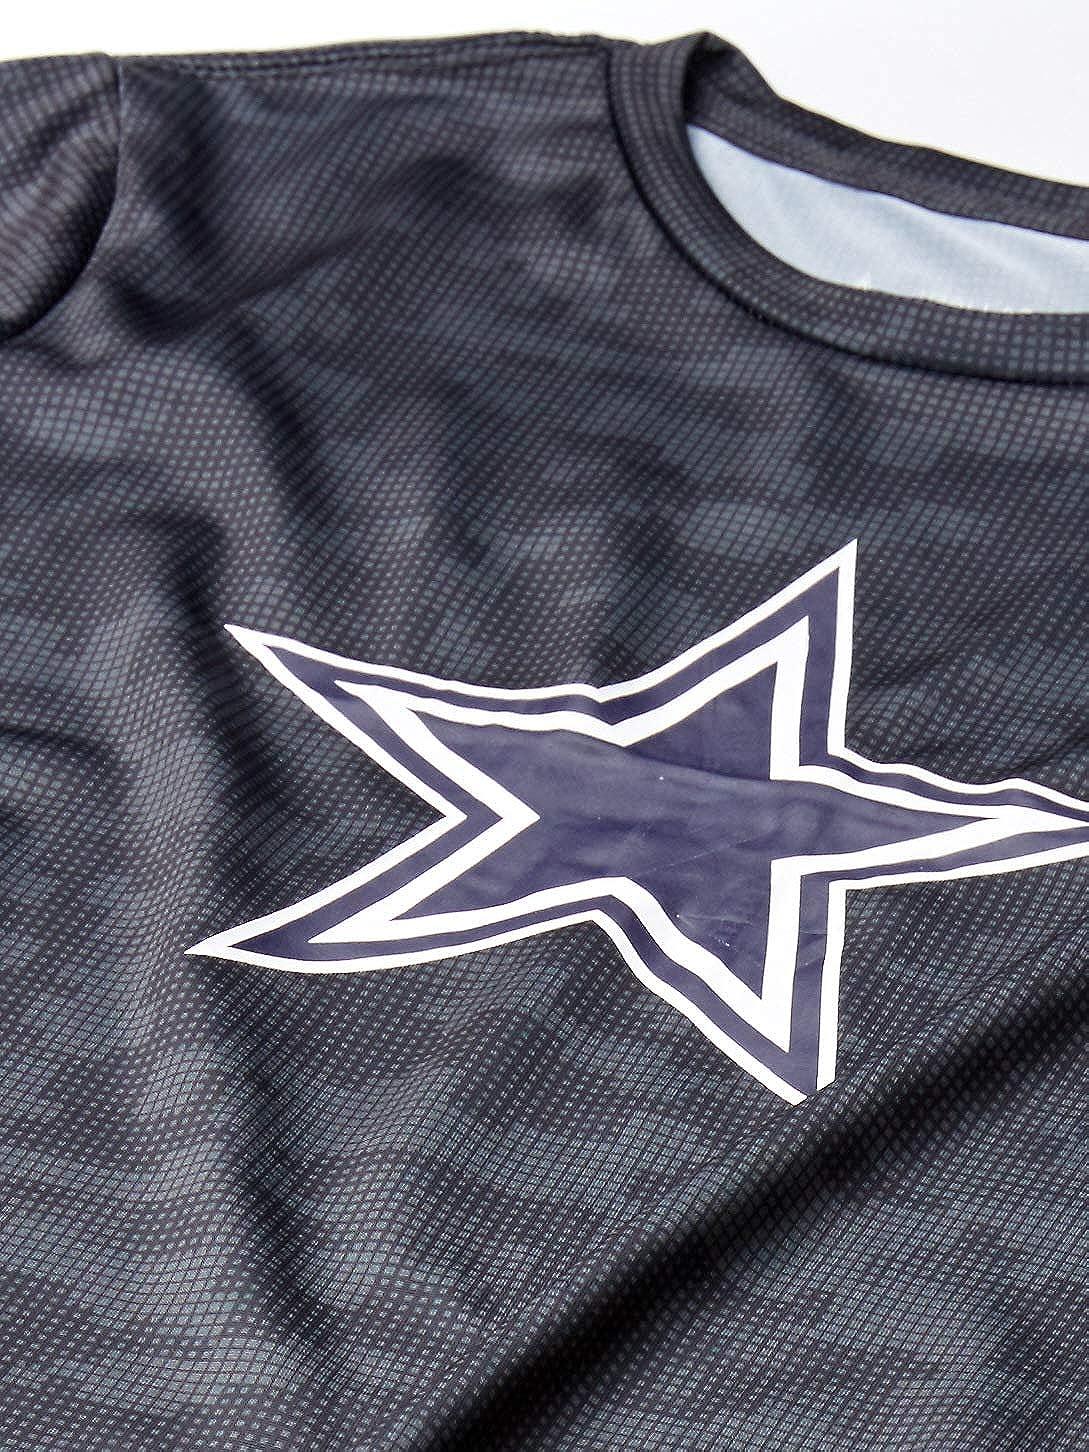 Dallas Cowboys NFL Boys Tedwin